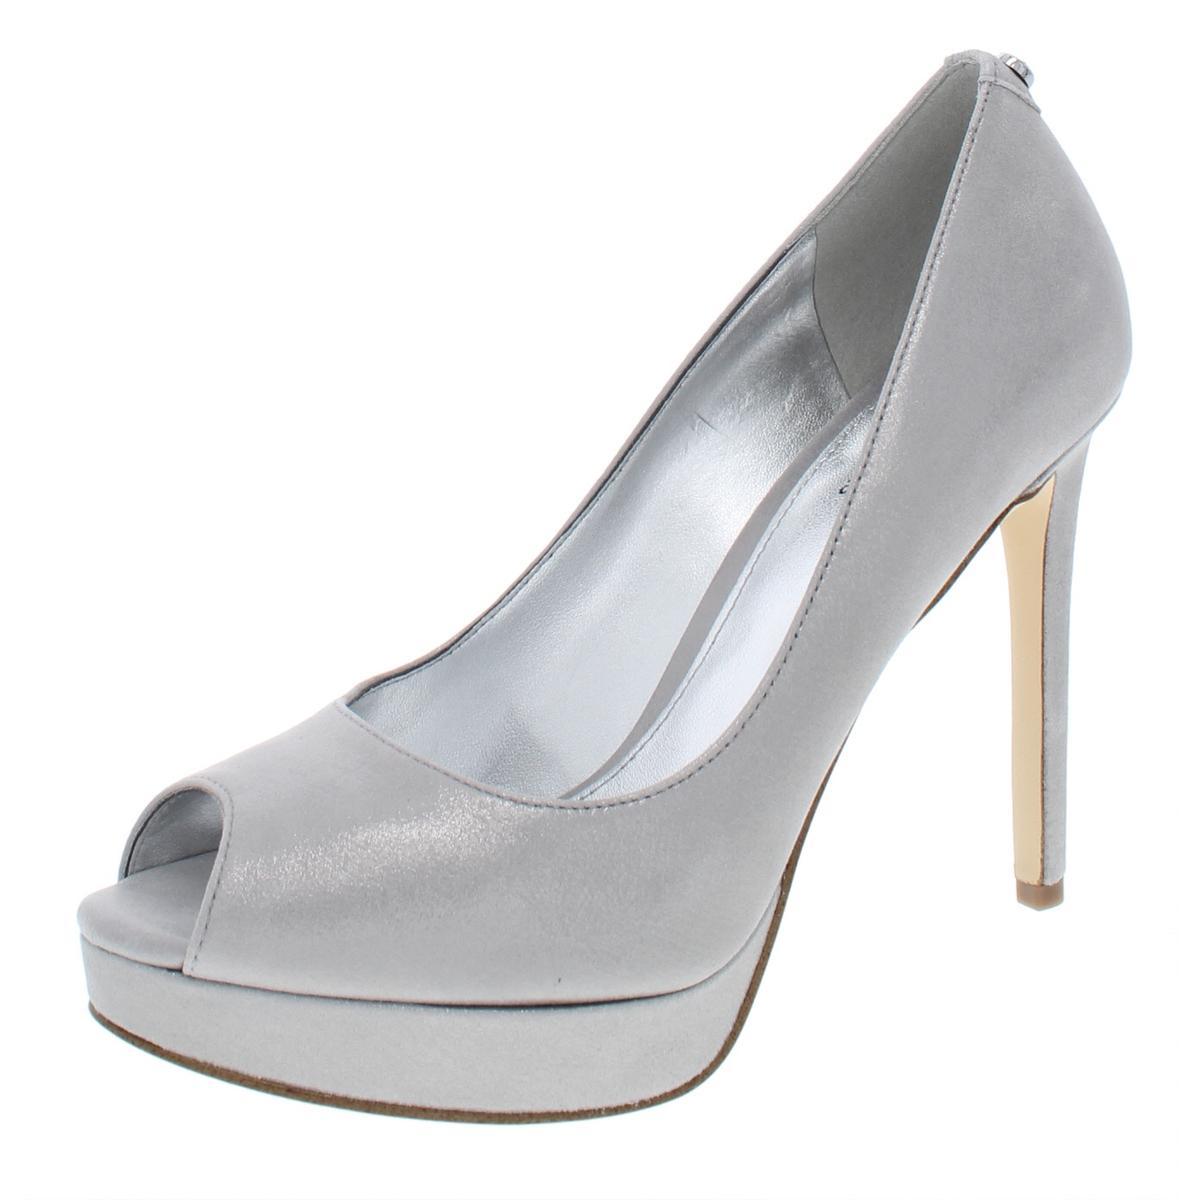 59e7a57ac760 Details about MICHAEL Michael Kors Womens Erika Leather Platform Pumps  Heels Shoes BHFO 7887